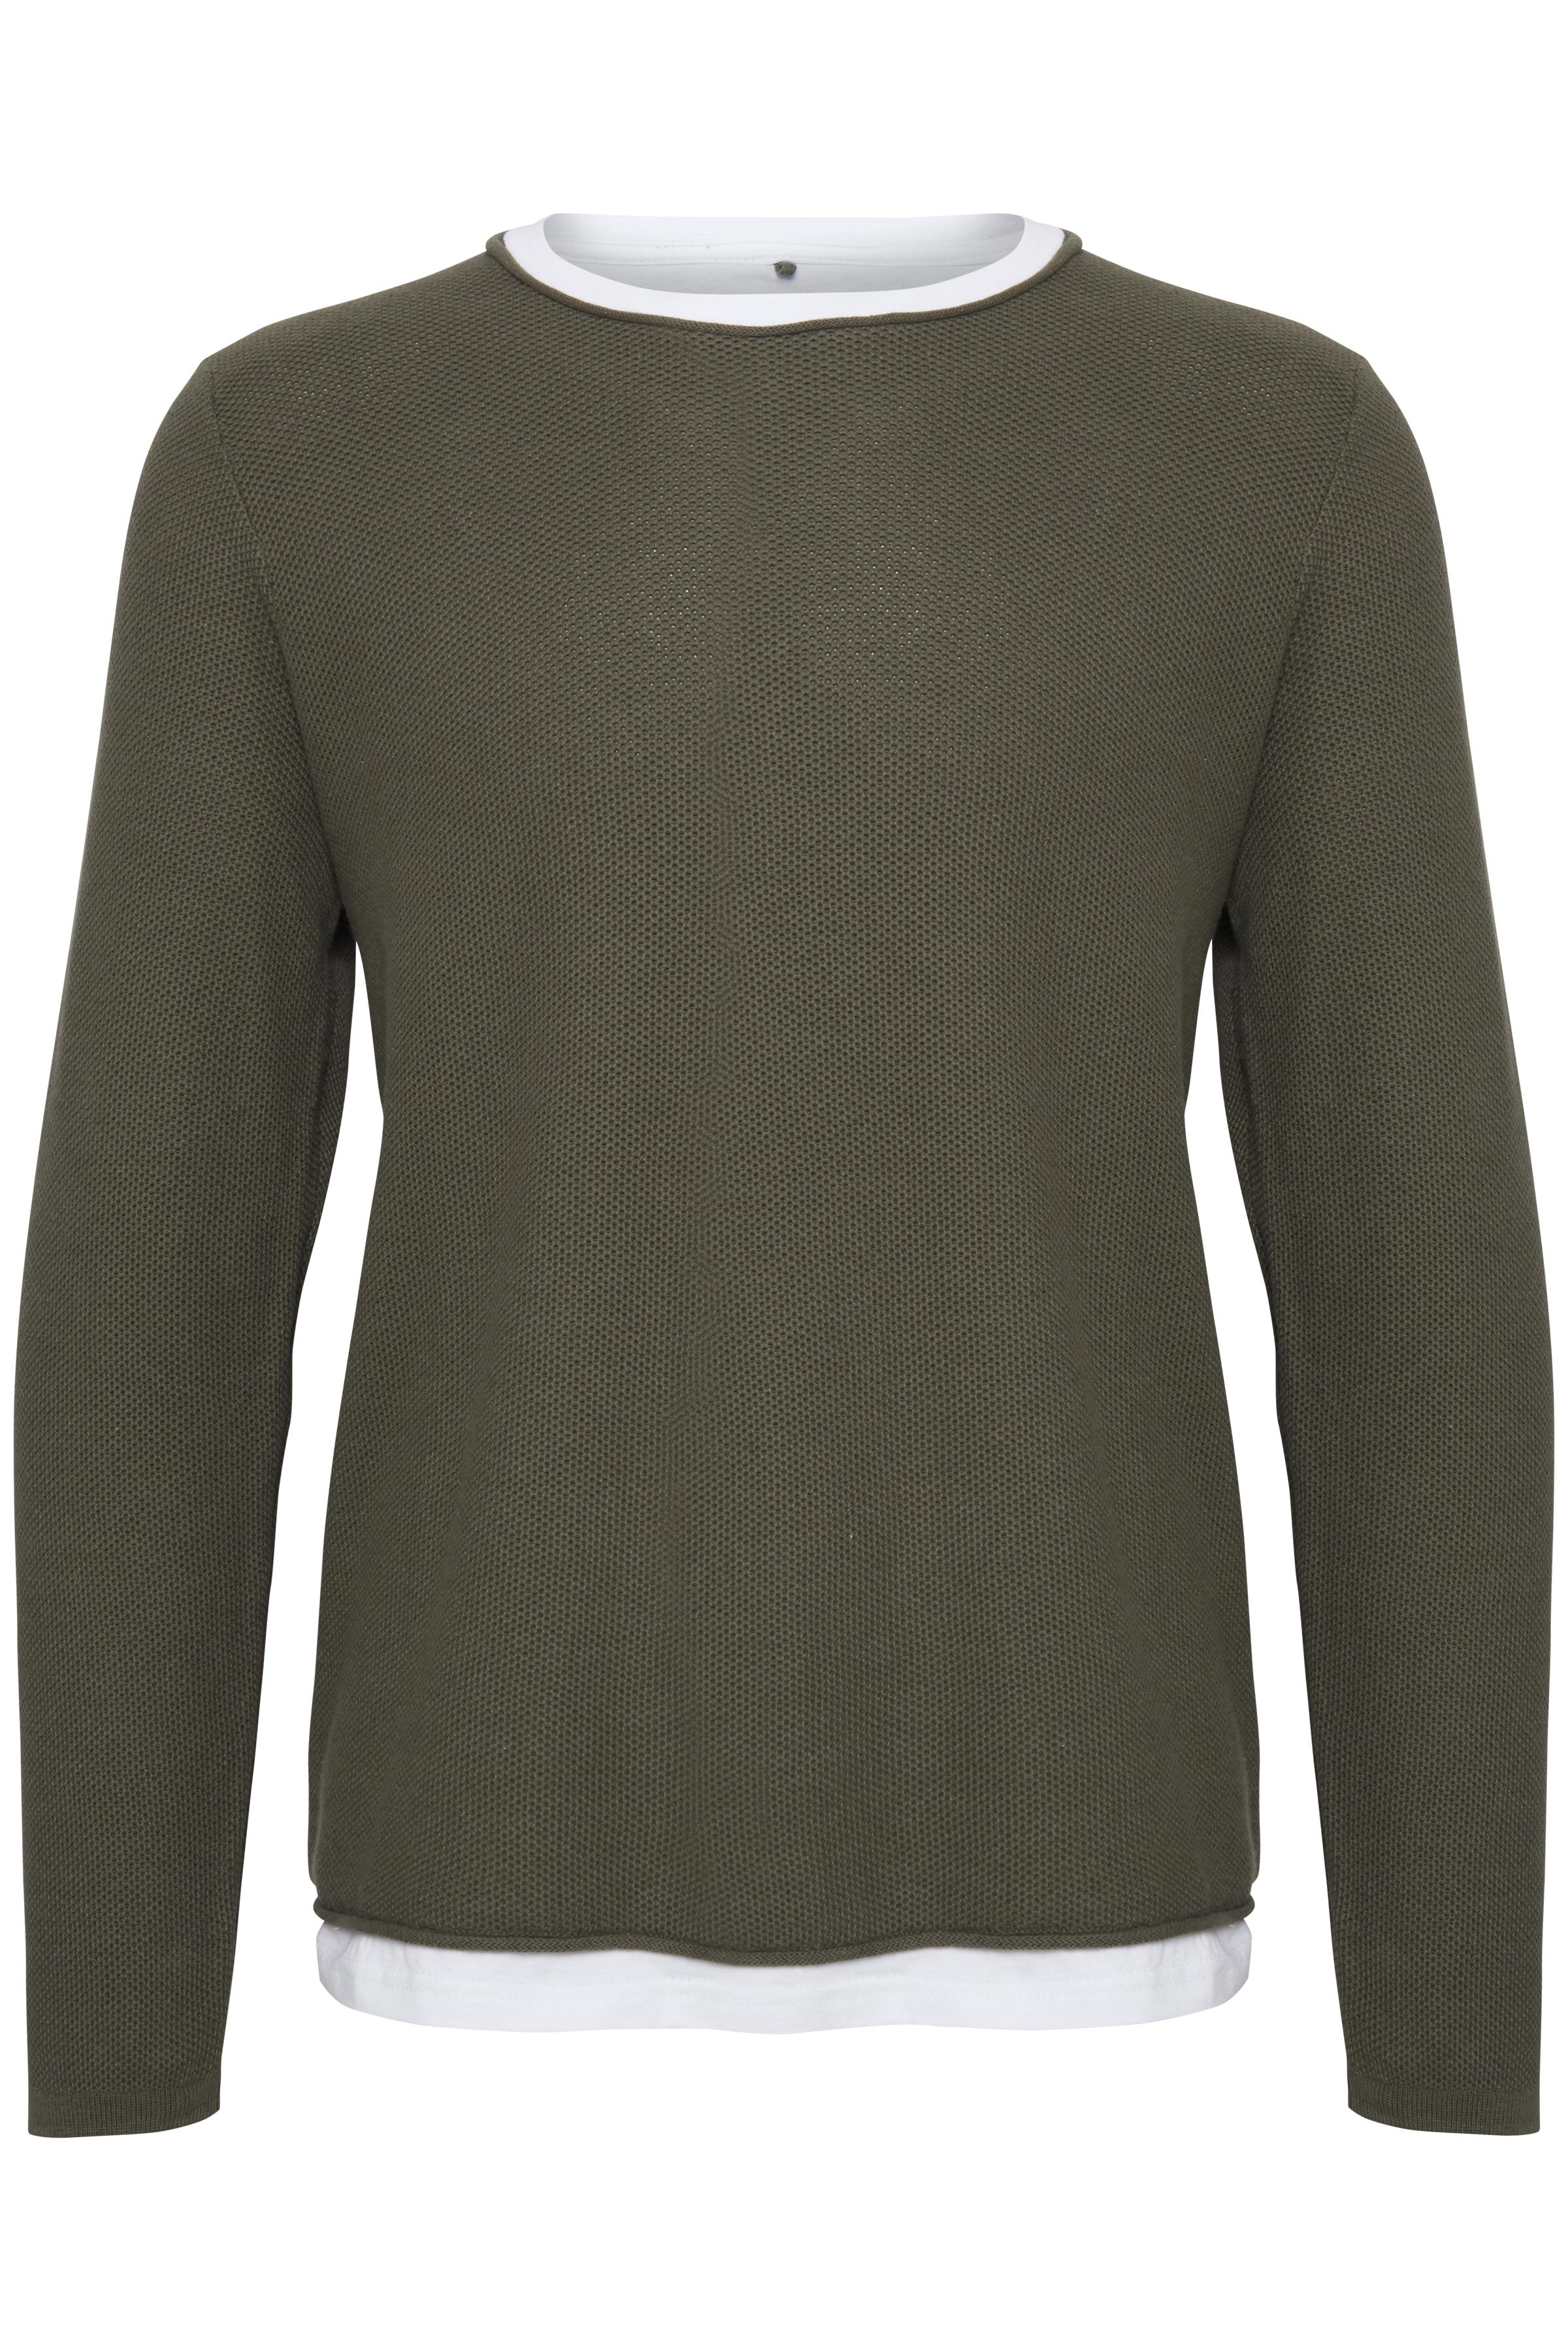 Billede af Blend He Herre Pullover med lange ærmer og rund hals. BLEND pullover har T-shirt effekt nederst og ved hals. Sweateren  - Beetle Green